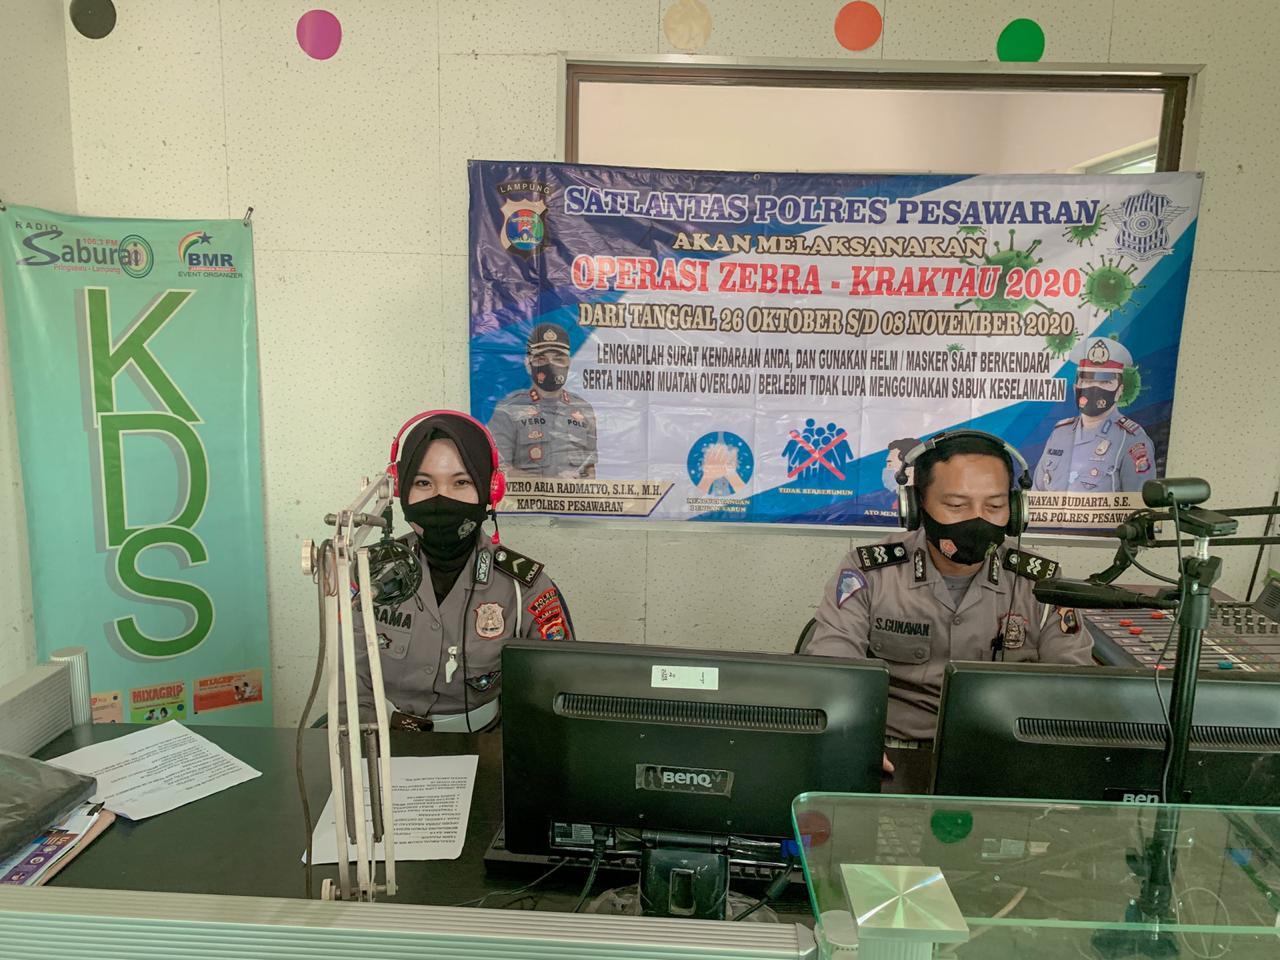 Polres Pesawaran Sosialisasi Operasi Zebra Krakatau Melalui Siaran Radio